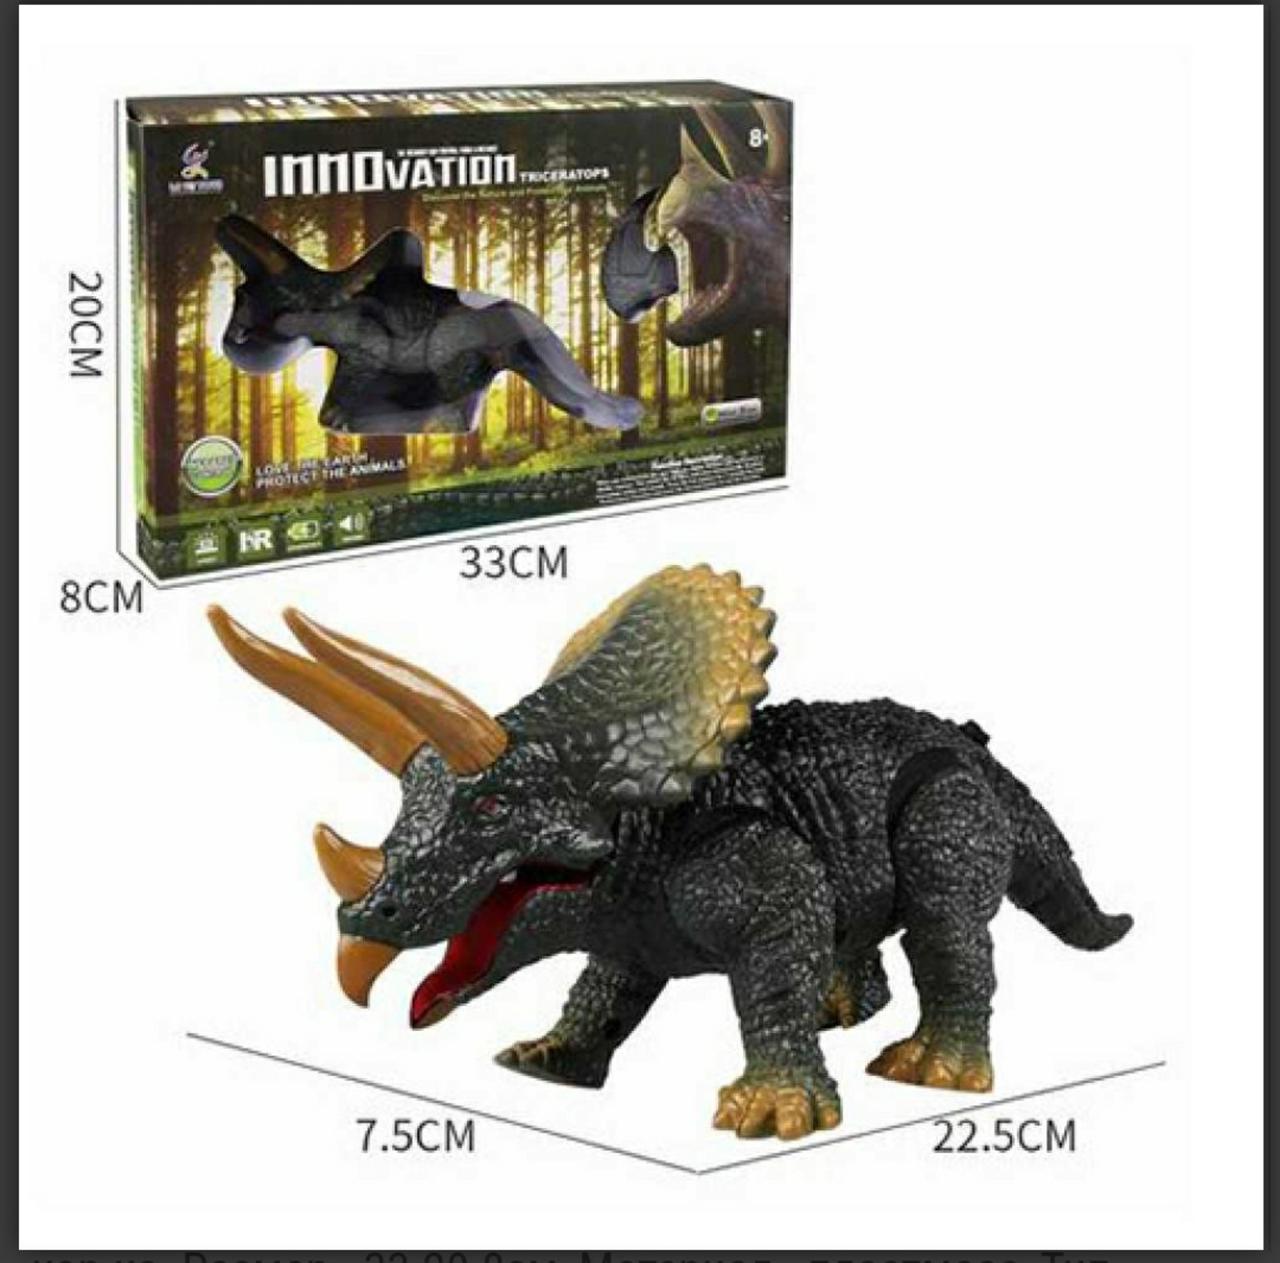 Динозавр на радиоуправлении, 22,5см